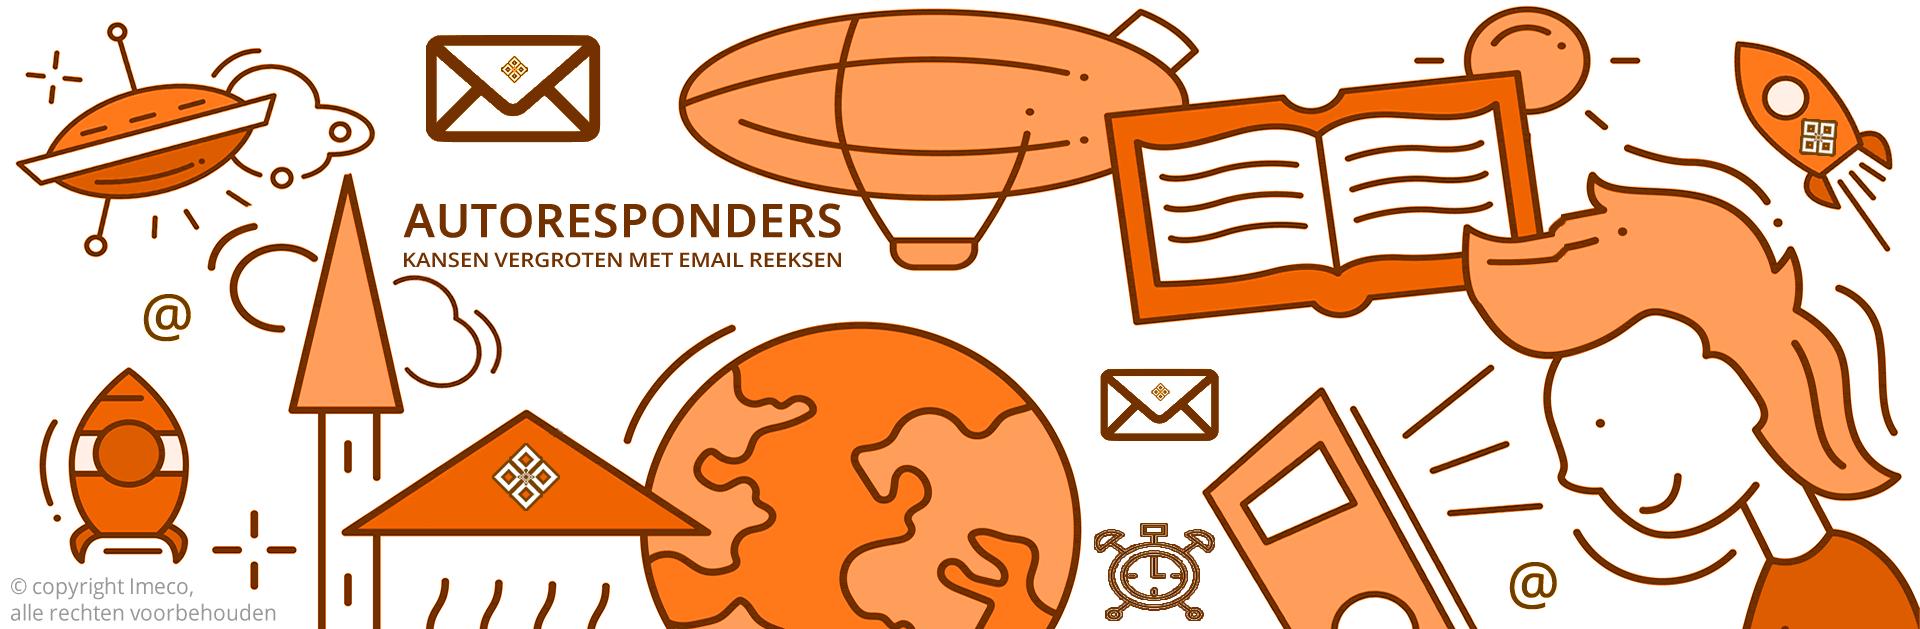 Weergave van automatische emails middels autoresponders